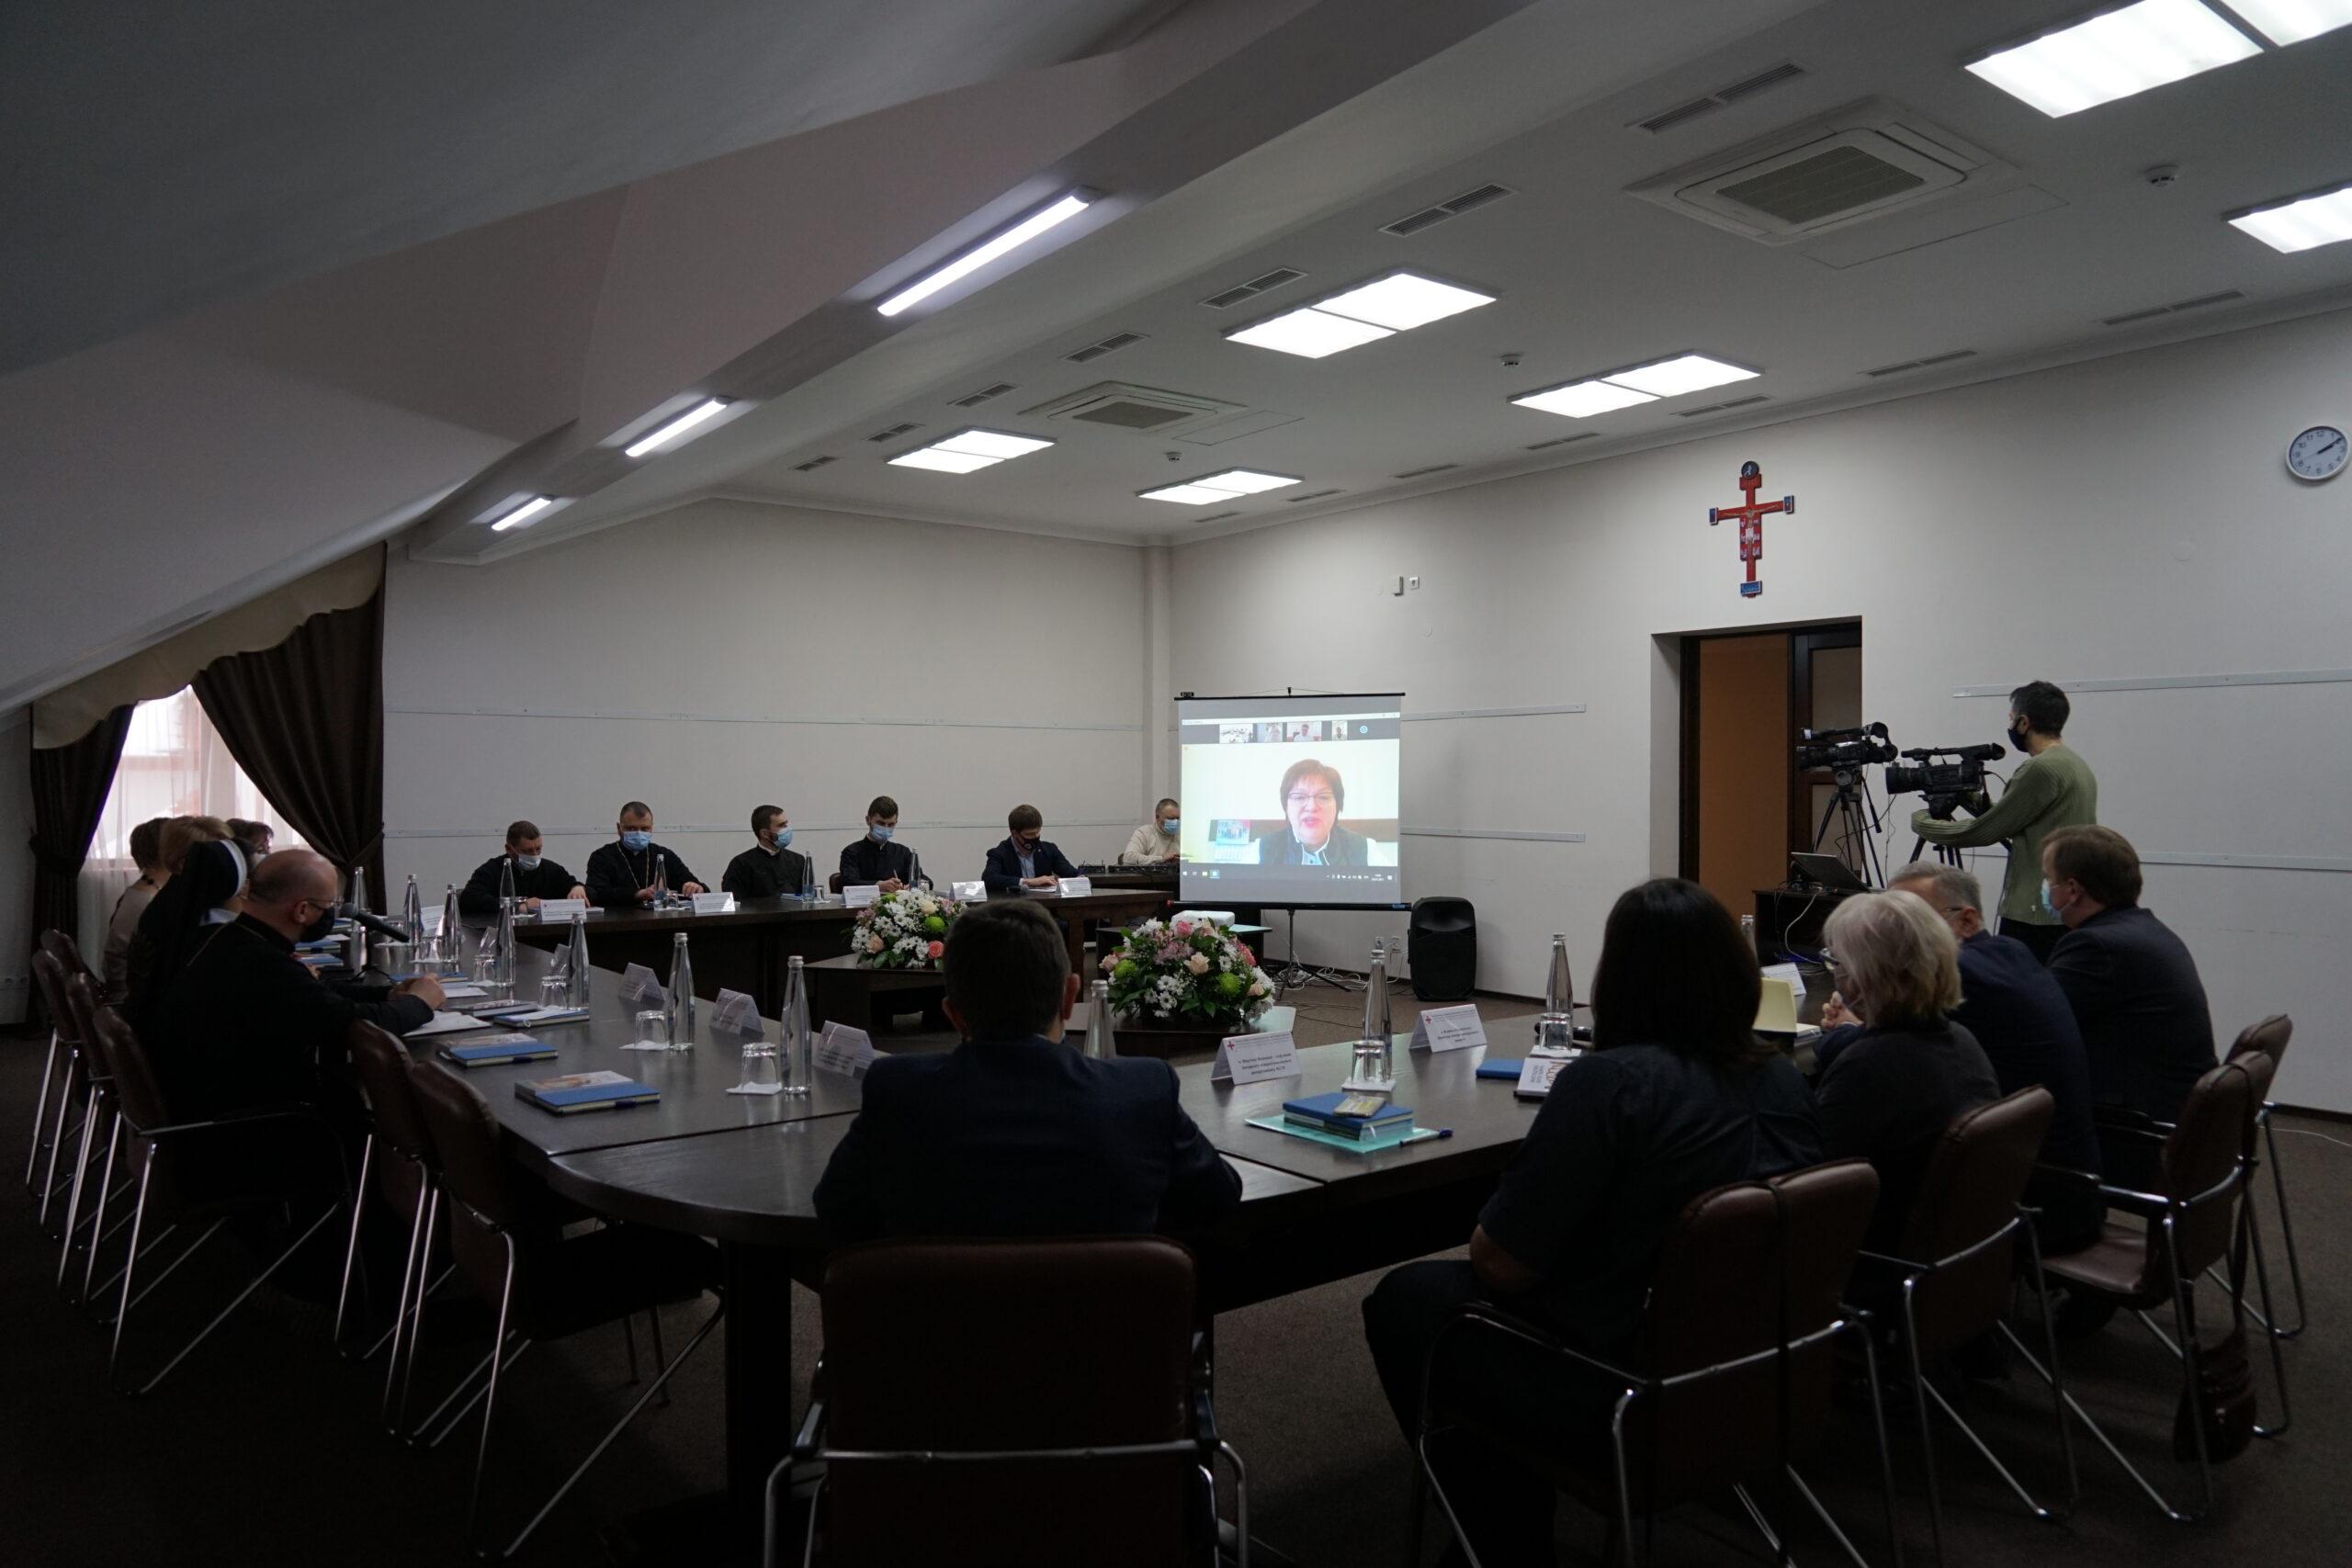 Перспективи розвитку медичного капеланства в Україні обговорили під час круглого столу у Львові_3